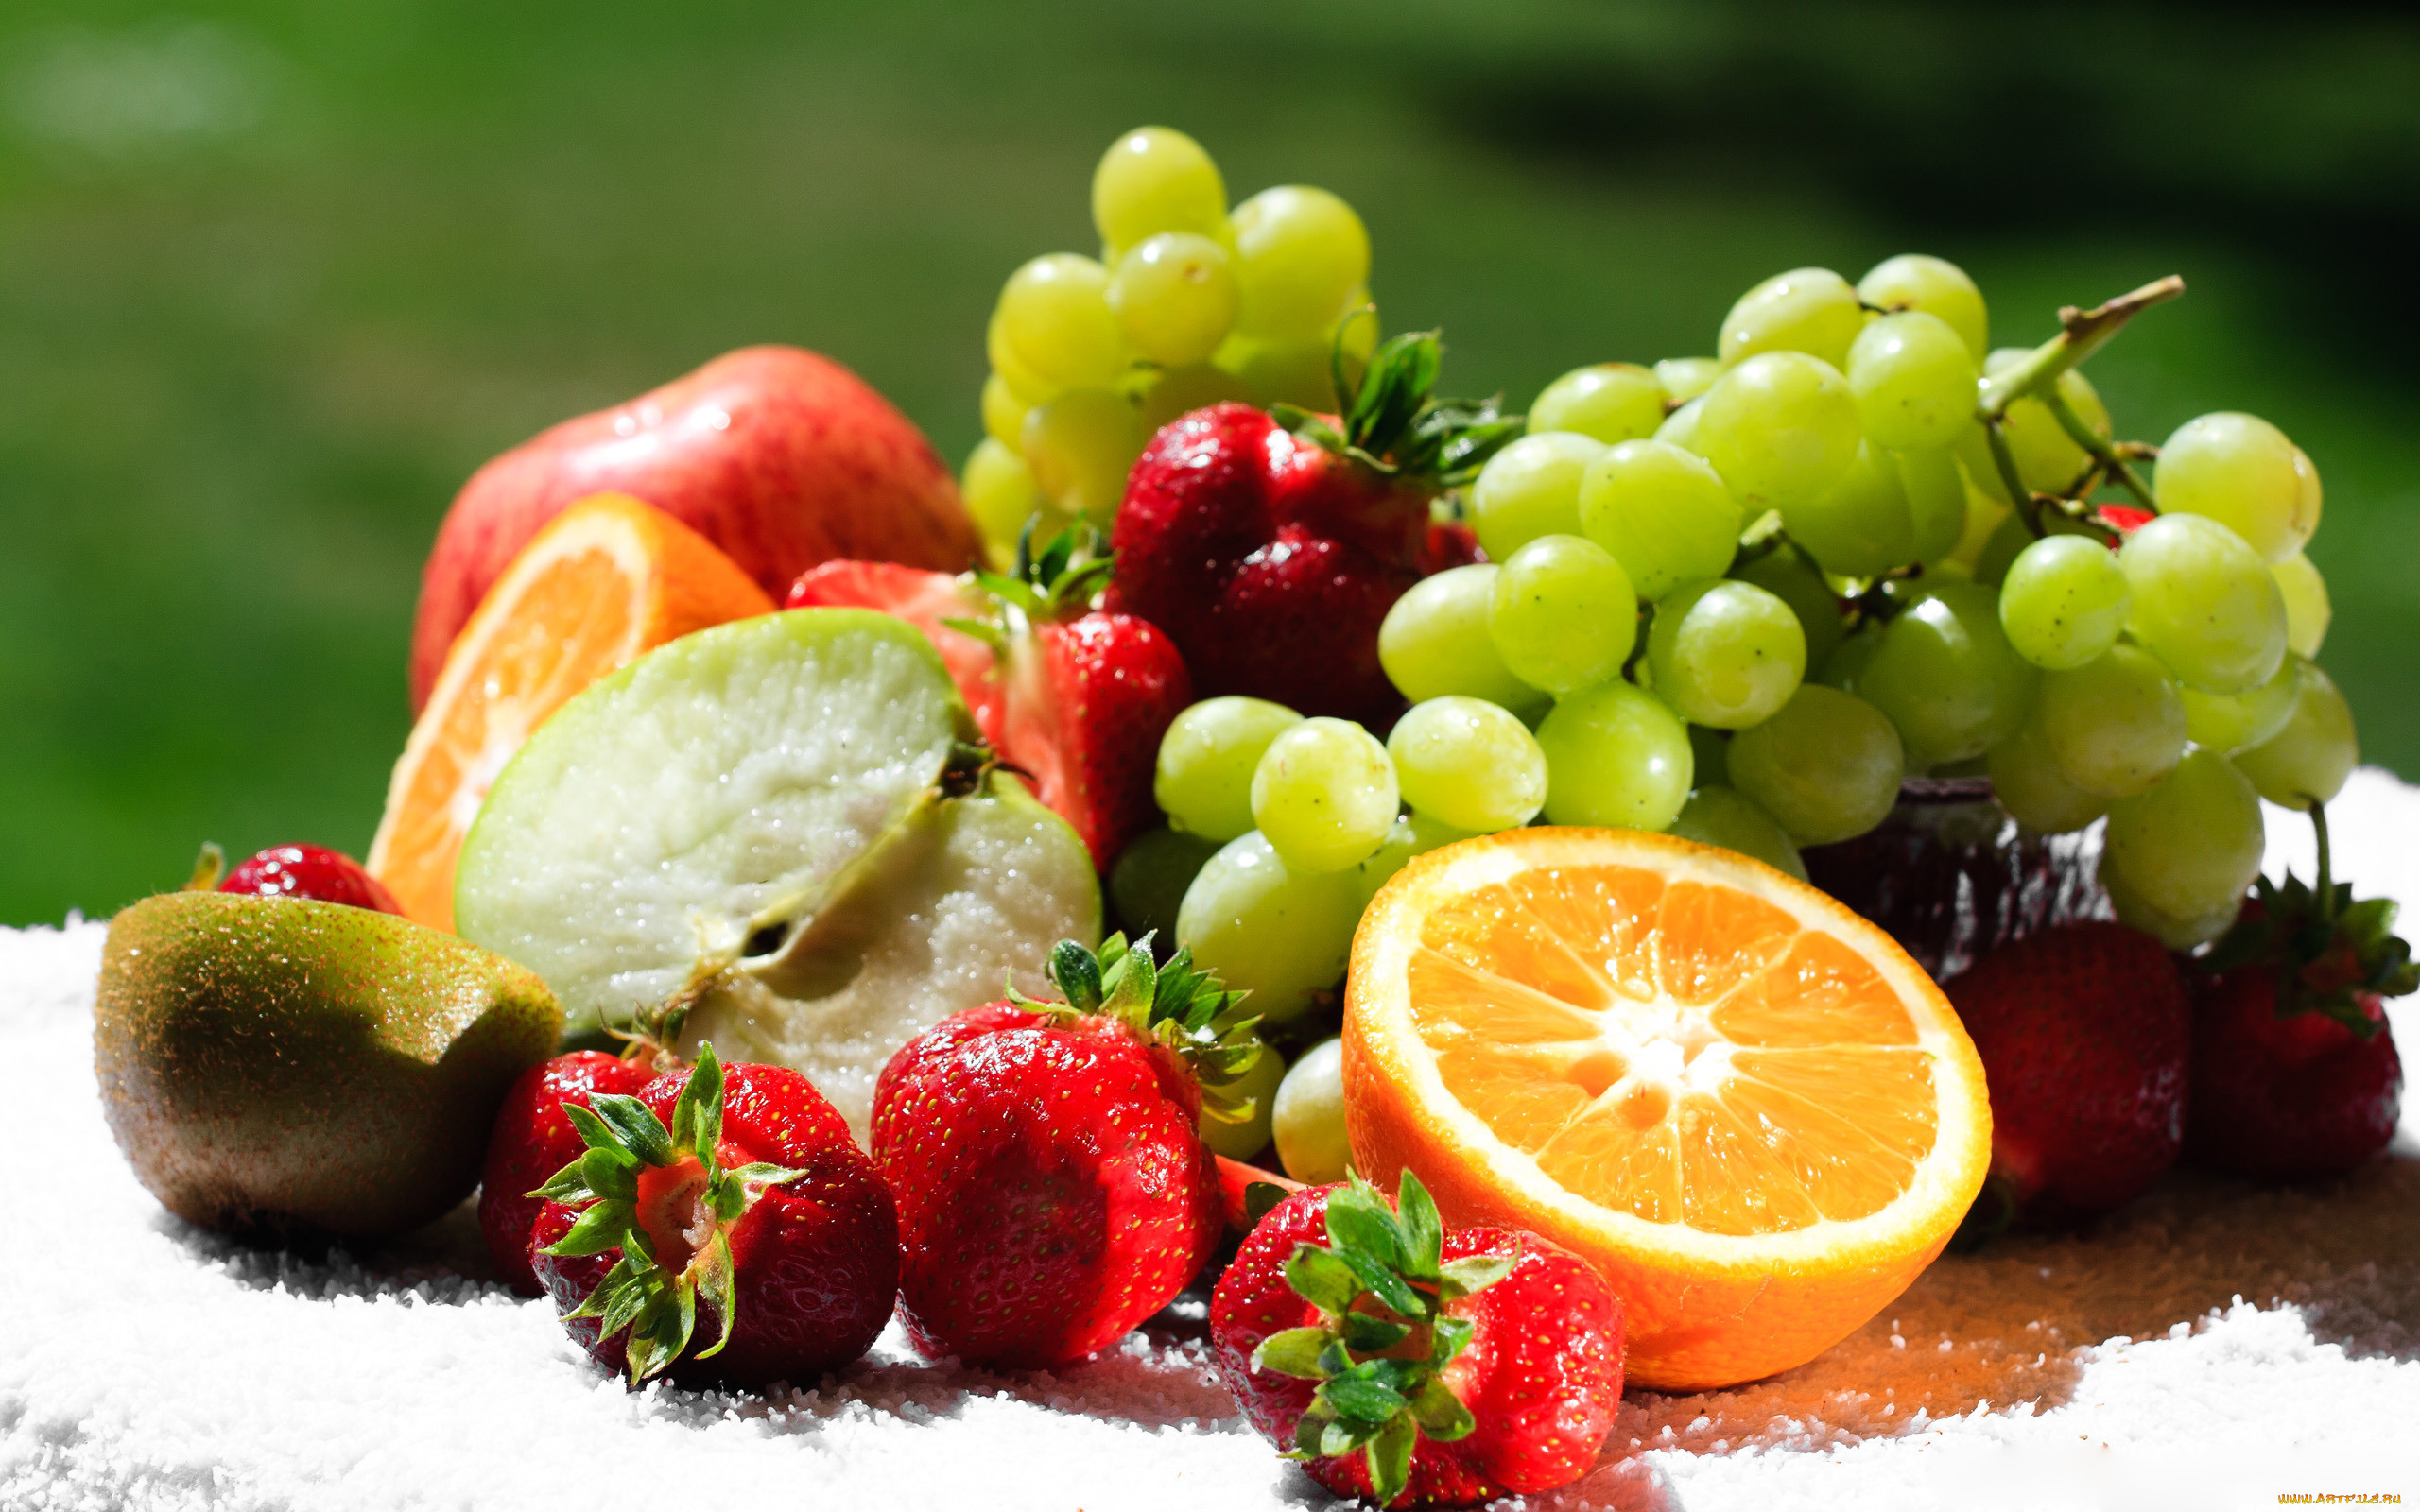 потолок открытой фото фруктов и ягод в высоком качестве изменилась несильно